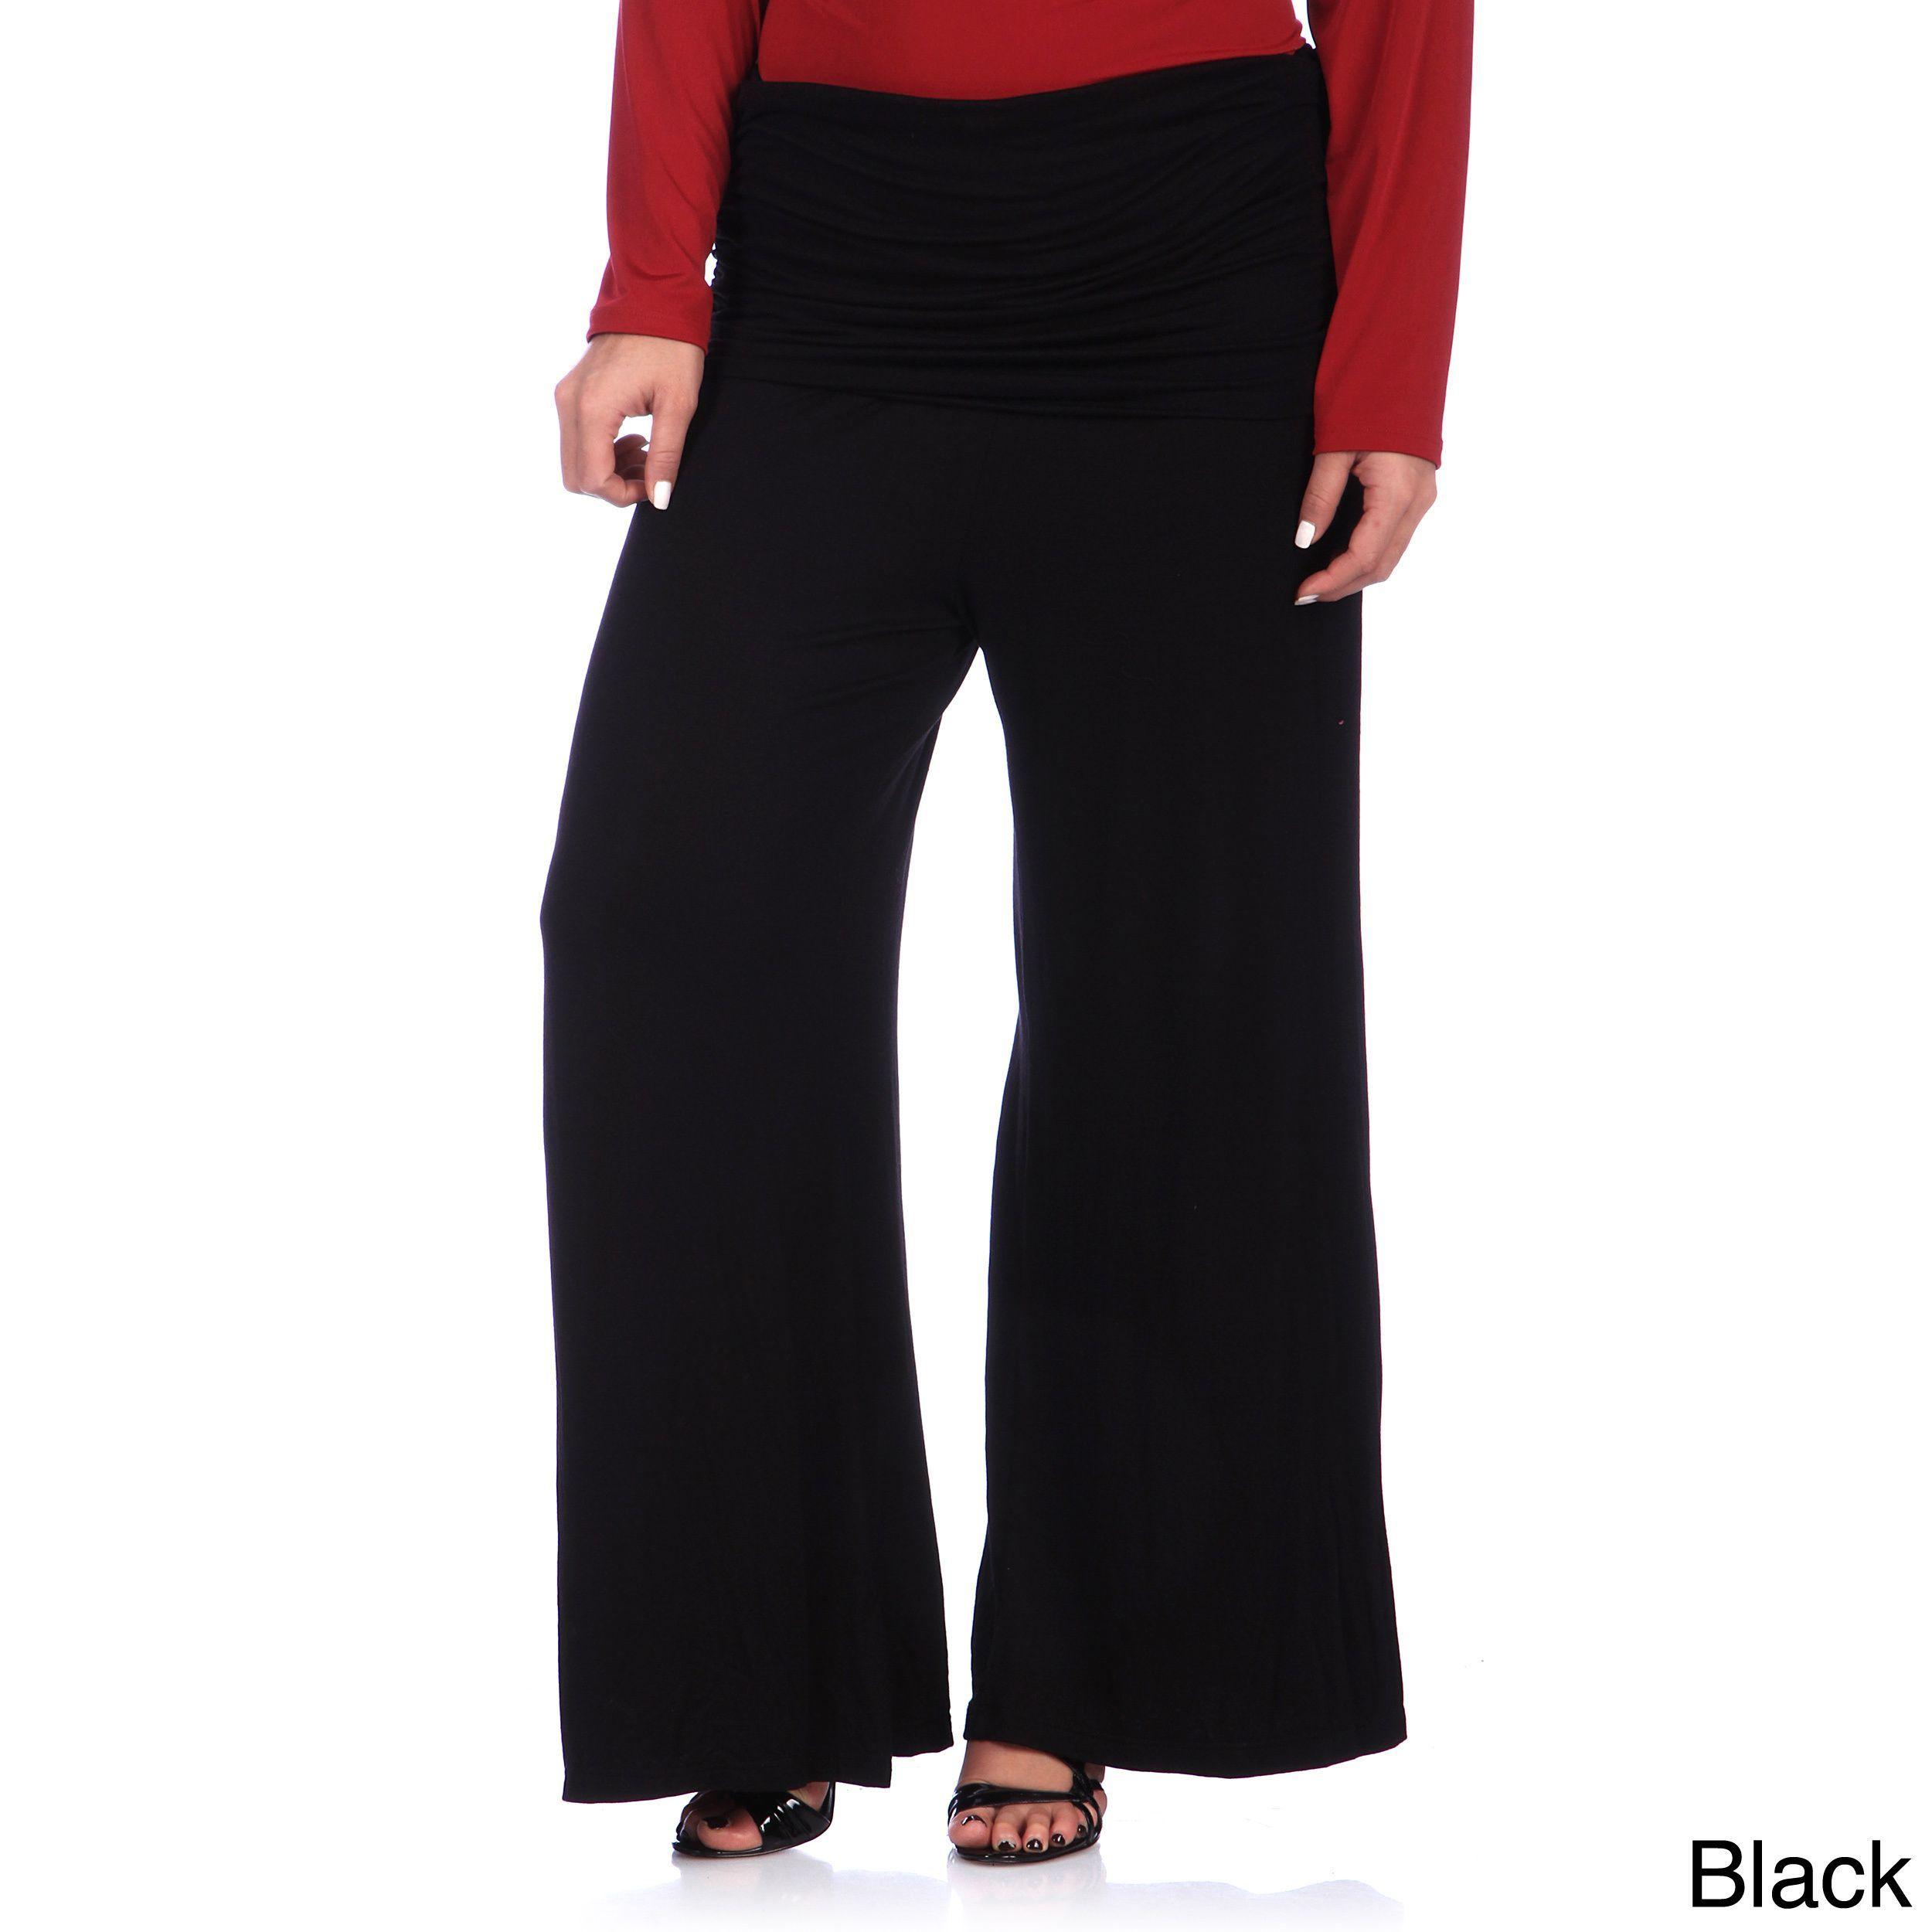 men fr front bk comfortable pants for flat waist industrial dickies comfort comforter